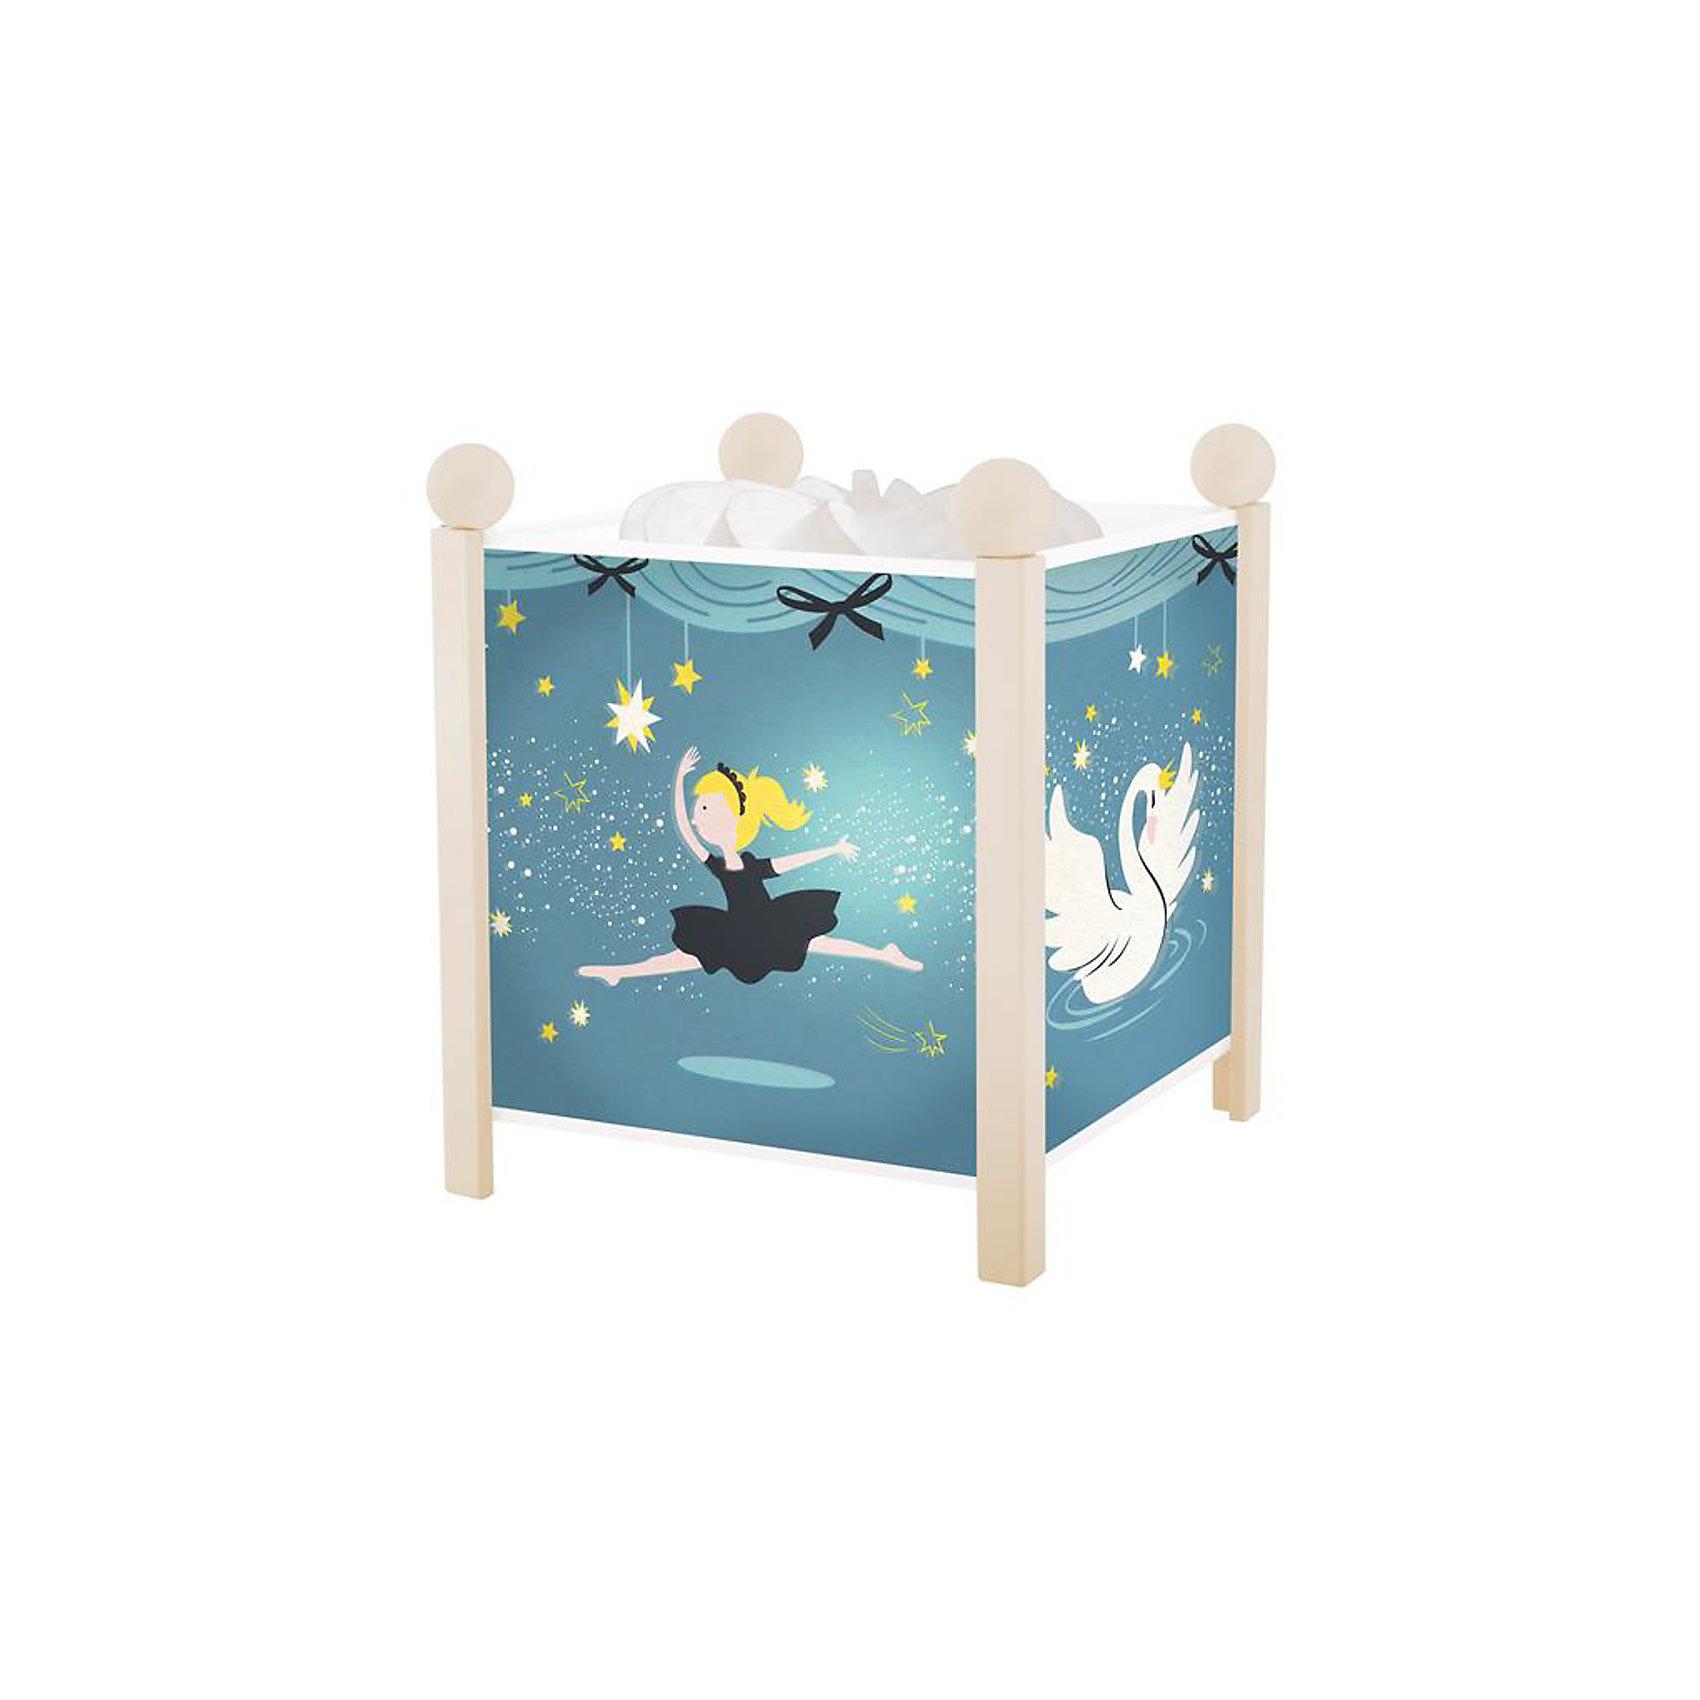 Светильник-ночник Балерина Trousselier, белыйДетские предметы интерьера<br>Ночники помогают создать уют в любом помещении. Для детей это еще и повышение  качества сна - с ночником они спят спокойнее, так как вокруг нет пугающей темноты.<br>Этот ночник выглядит очень красиво - на нем симпатичные картинки, жароустойчивый цилиндр ночника вращается и создает приятное мягкое освещение вокруг него. Корпус ночника - прочный, металлический. Изделие произведено из высококачественных материалов, и соответствует европейским стандартам безопасности.<br><br>Дополнительная информация:<br><br>цвет: белый;<br>материал: металл, жароустойчивый пластик, дерево;<br>работает от розетки;<br>внутри - лампочка 12 V 20 W;<br>вес: 755 г;<br>размер: 17 х 17 х 19 см.<br><br>Светильник-ночник Балерина от французской компании Trousselier можно купить в нашем магазине.<br><br>Ширина мм: 175<br>Глубина мм: 175<br>Высота мм: 260<br>Вес г: 930<br>Возраст от месяцев: 0<br>Возраст до месяцев: 216<br>Пол: Женский<br>Возраст: Детский<br>SKU: 4961804